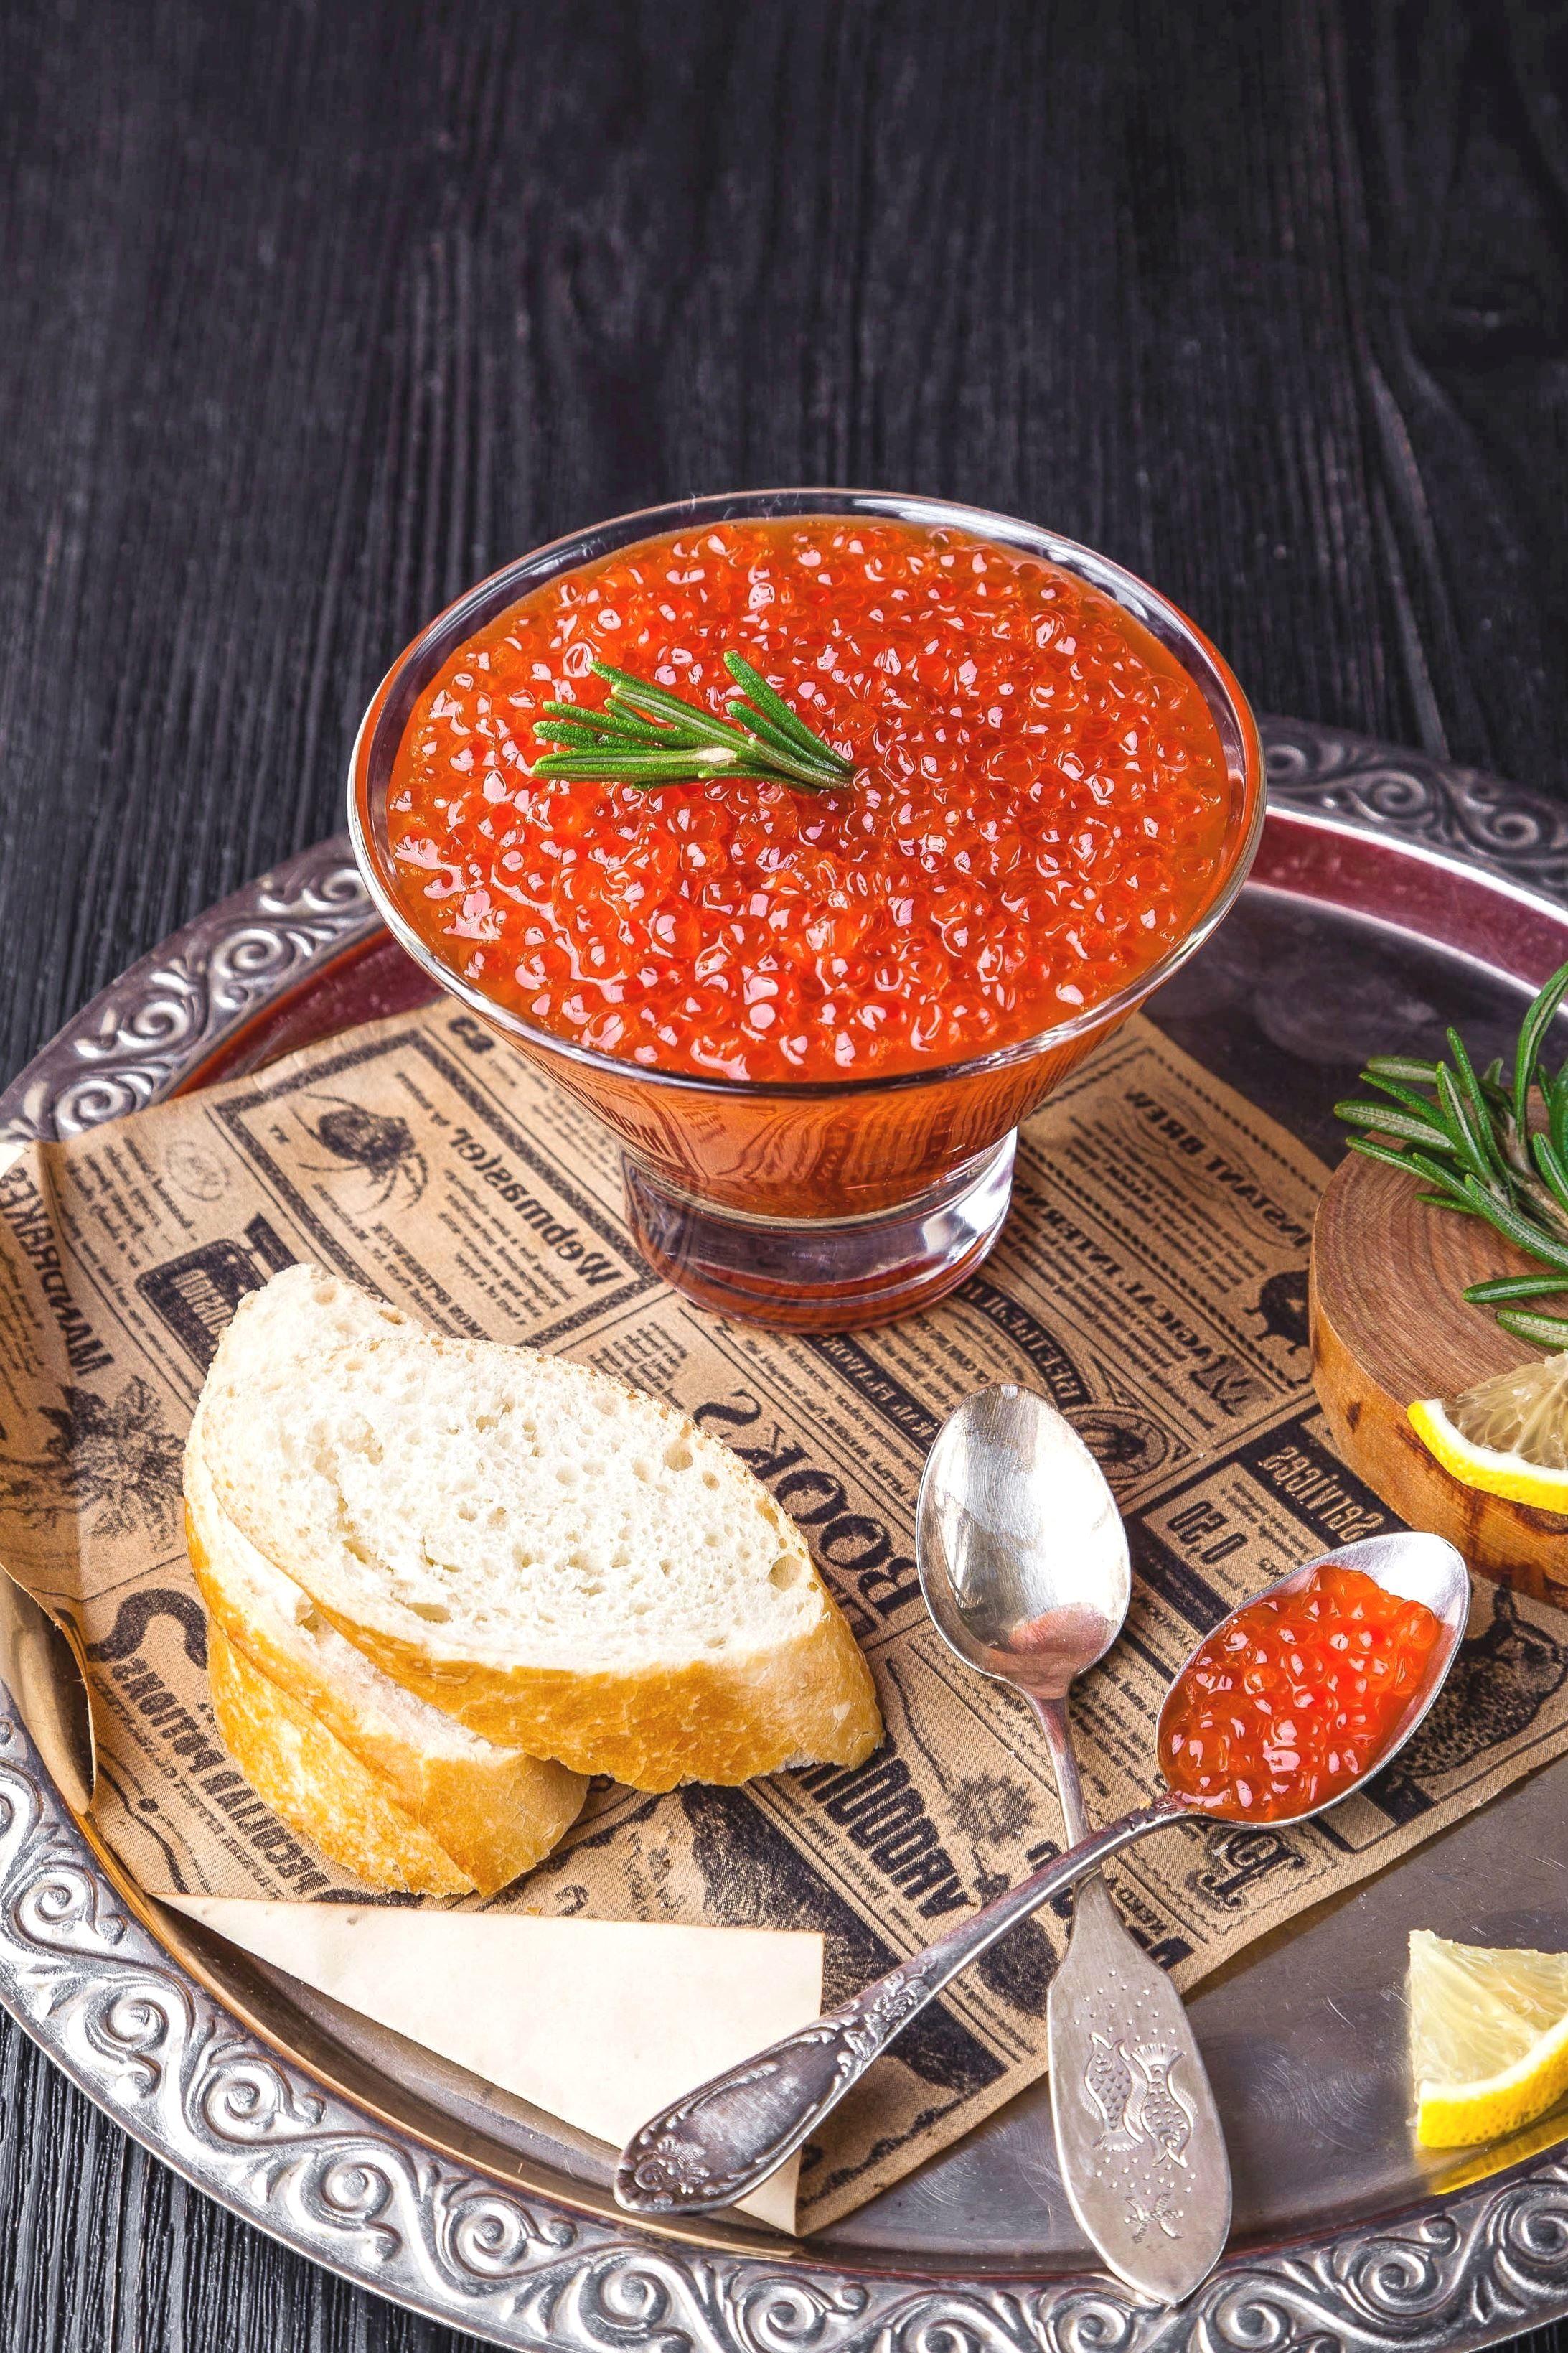 Food Tradicional 463 Food Streetfood Asian Taiwan Food Fir Informatiounen Zougang Zu Eisem Site Vacaciones Recipesta Food Caviar Calorie Calculator